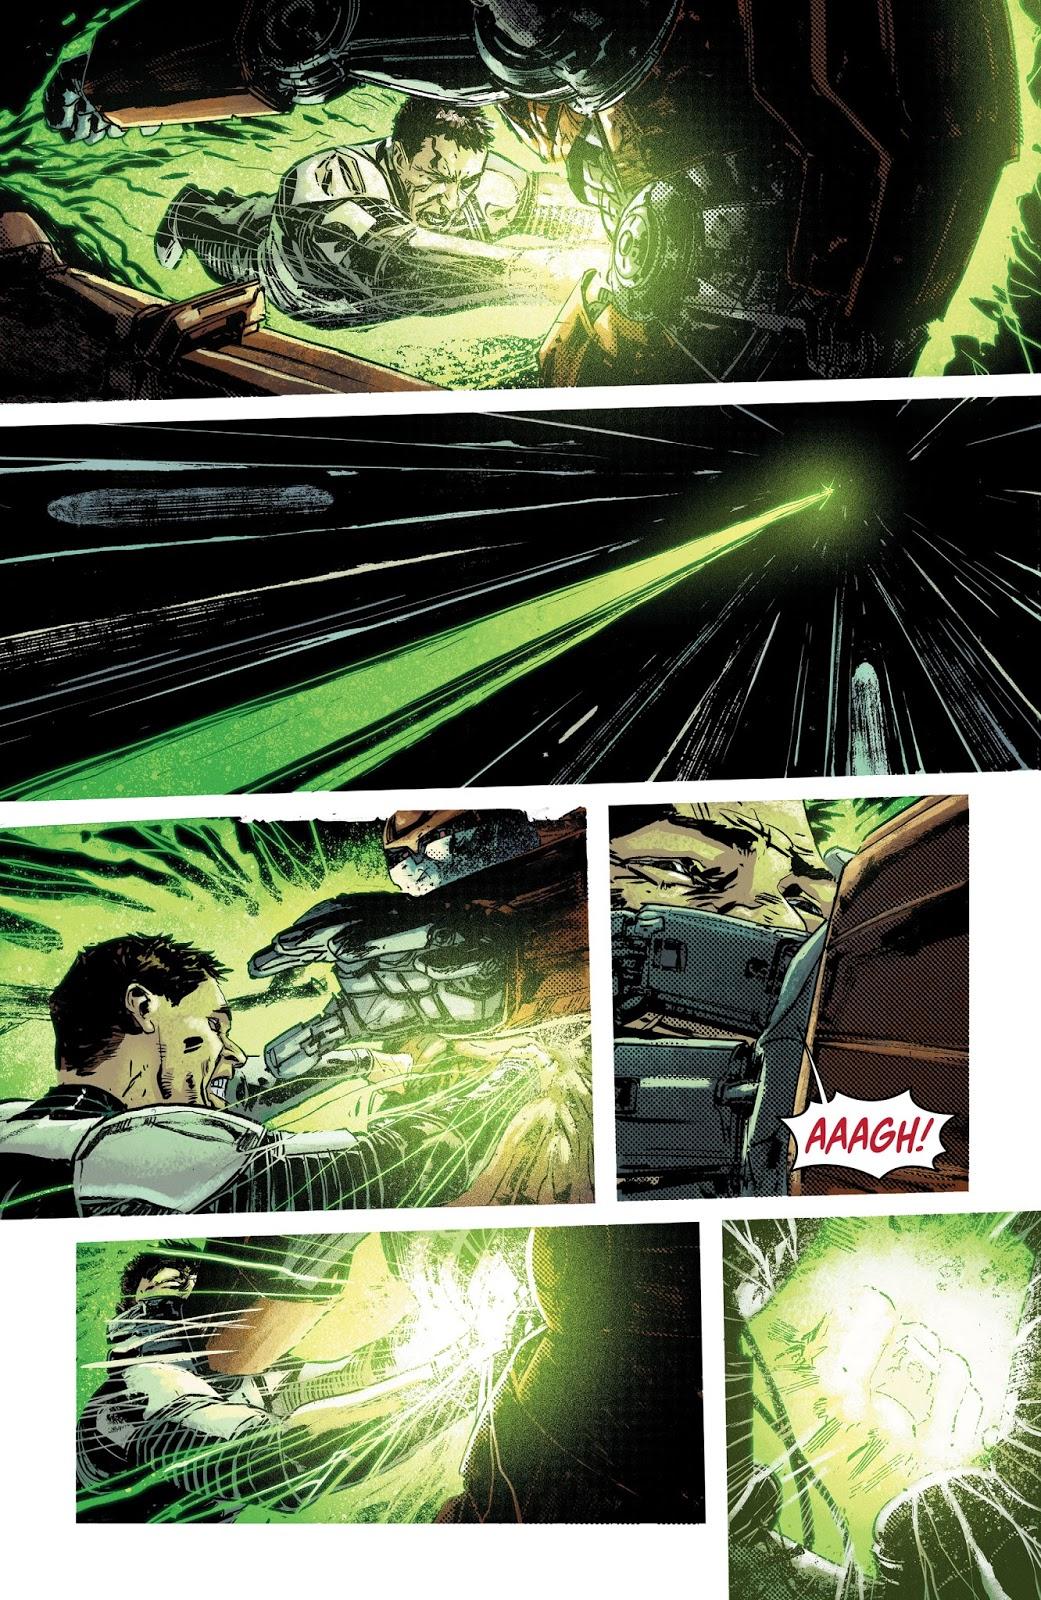 Green-Lantern-Hal-Jordan-Destroys-A-Manhunter-Earth-One